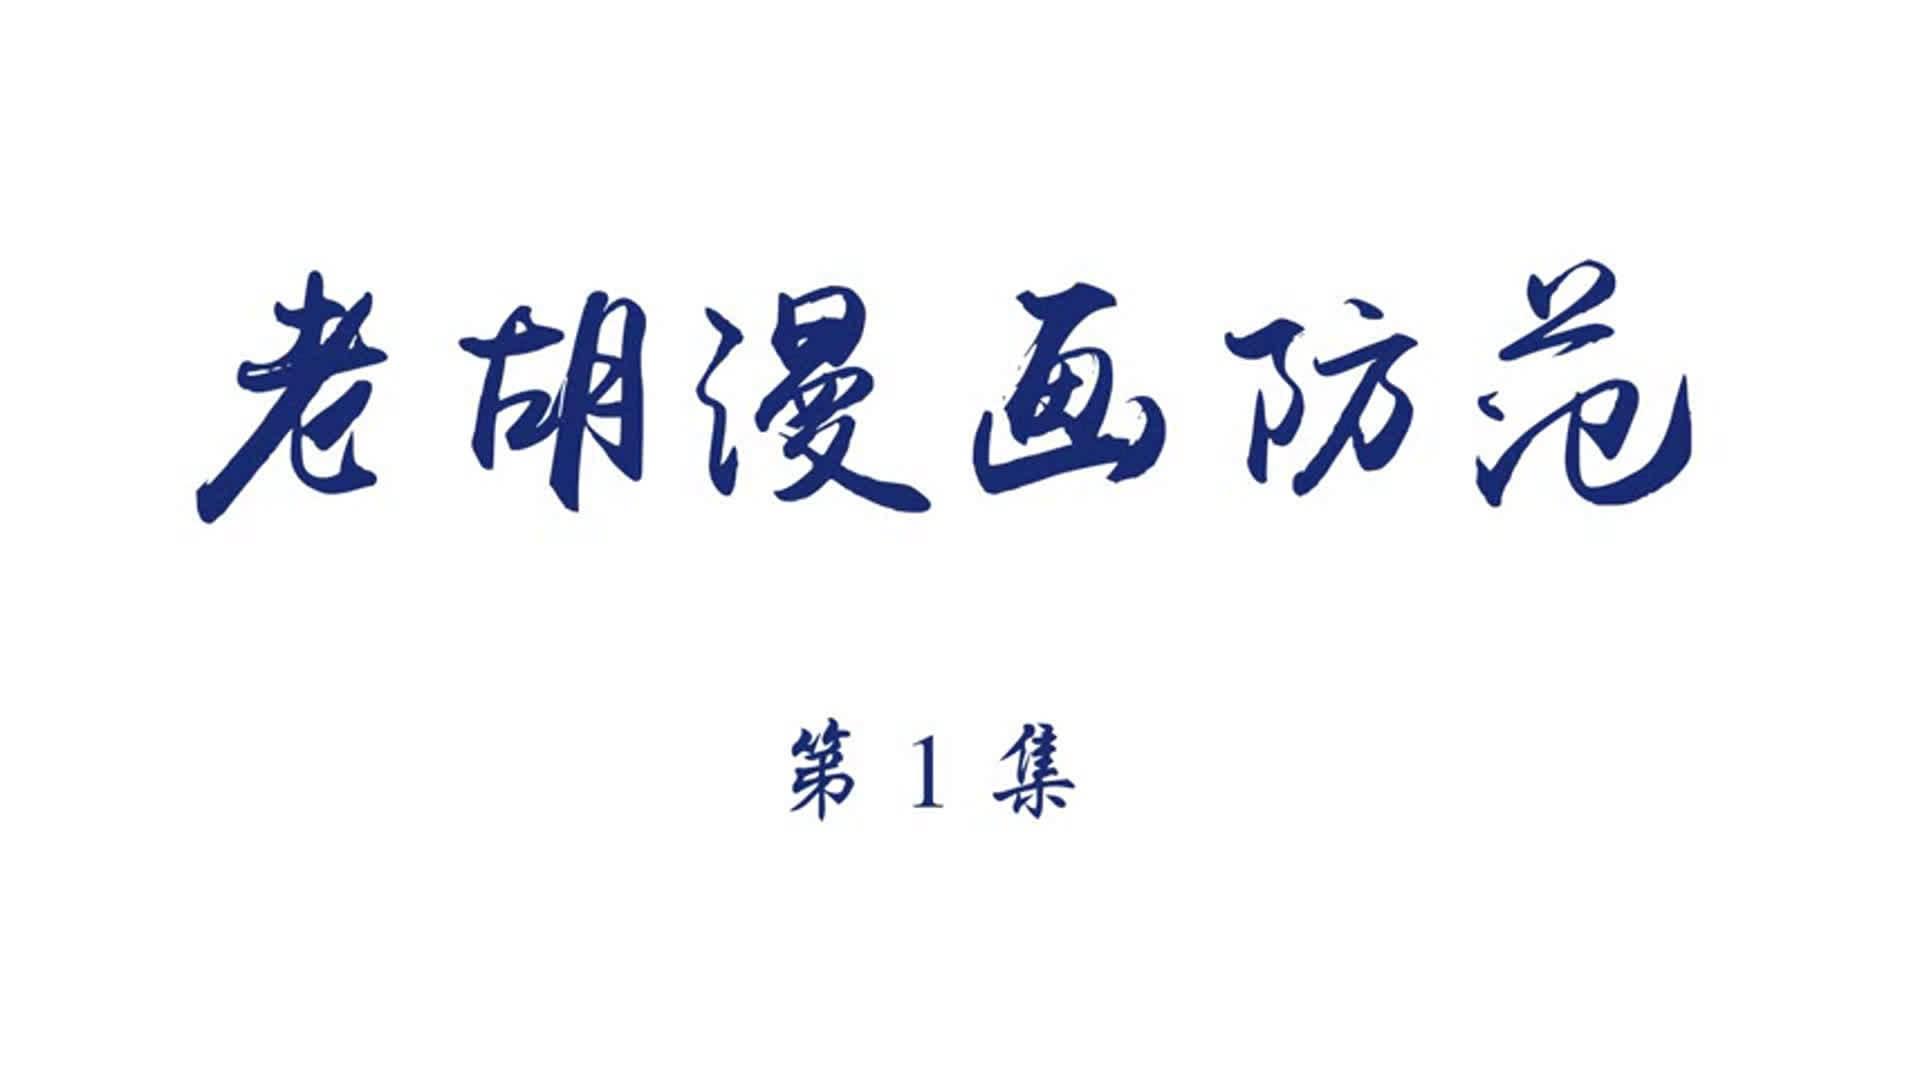 夏邑县公安局原创系列视频《老胡漫画防范》